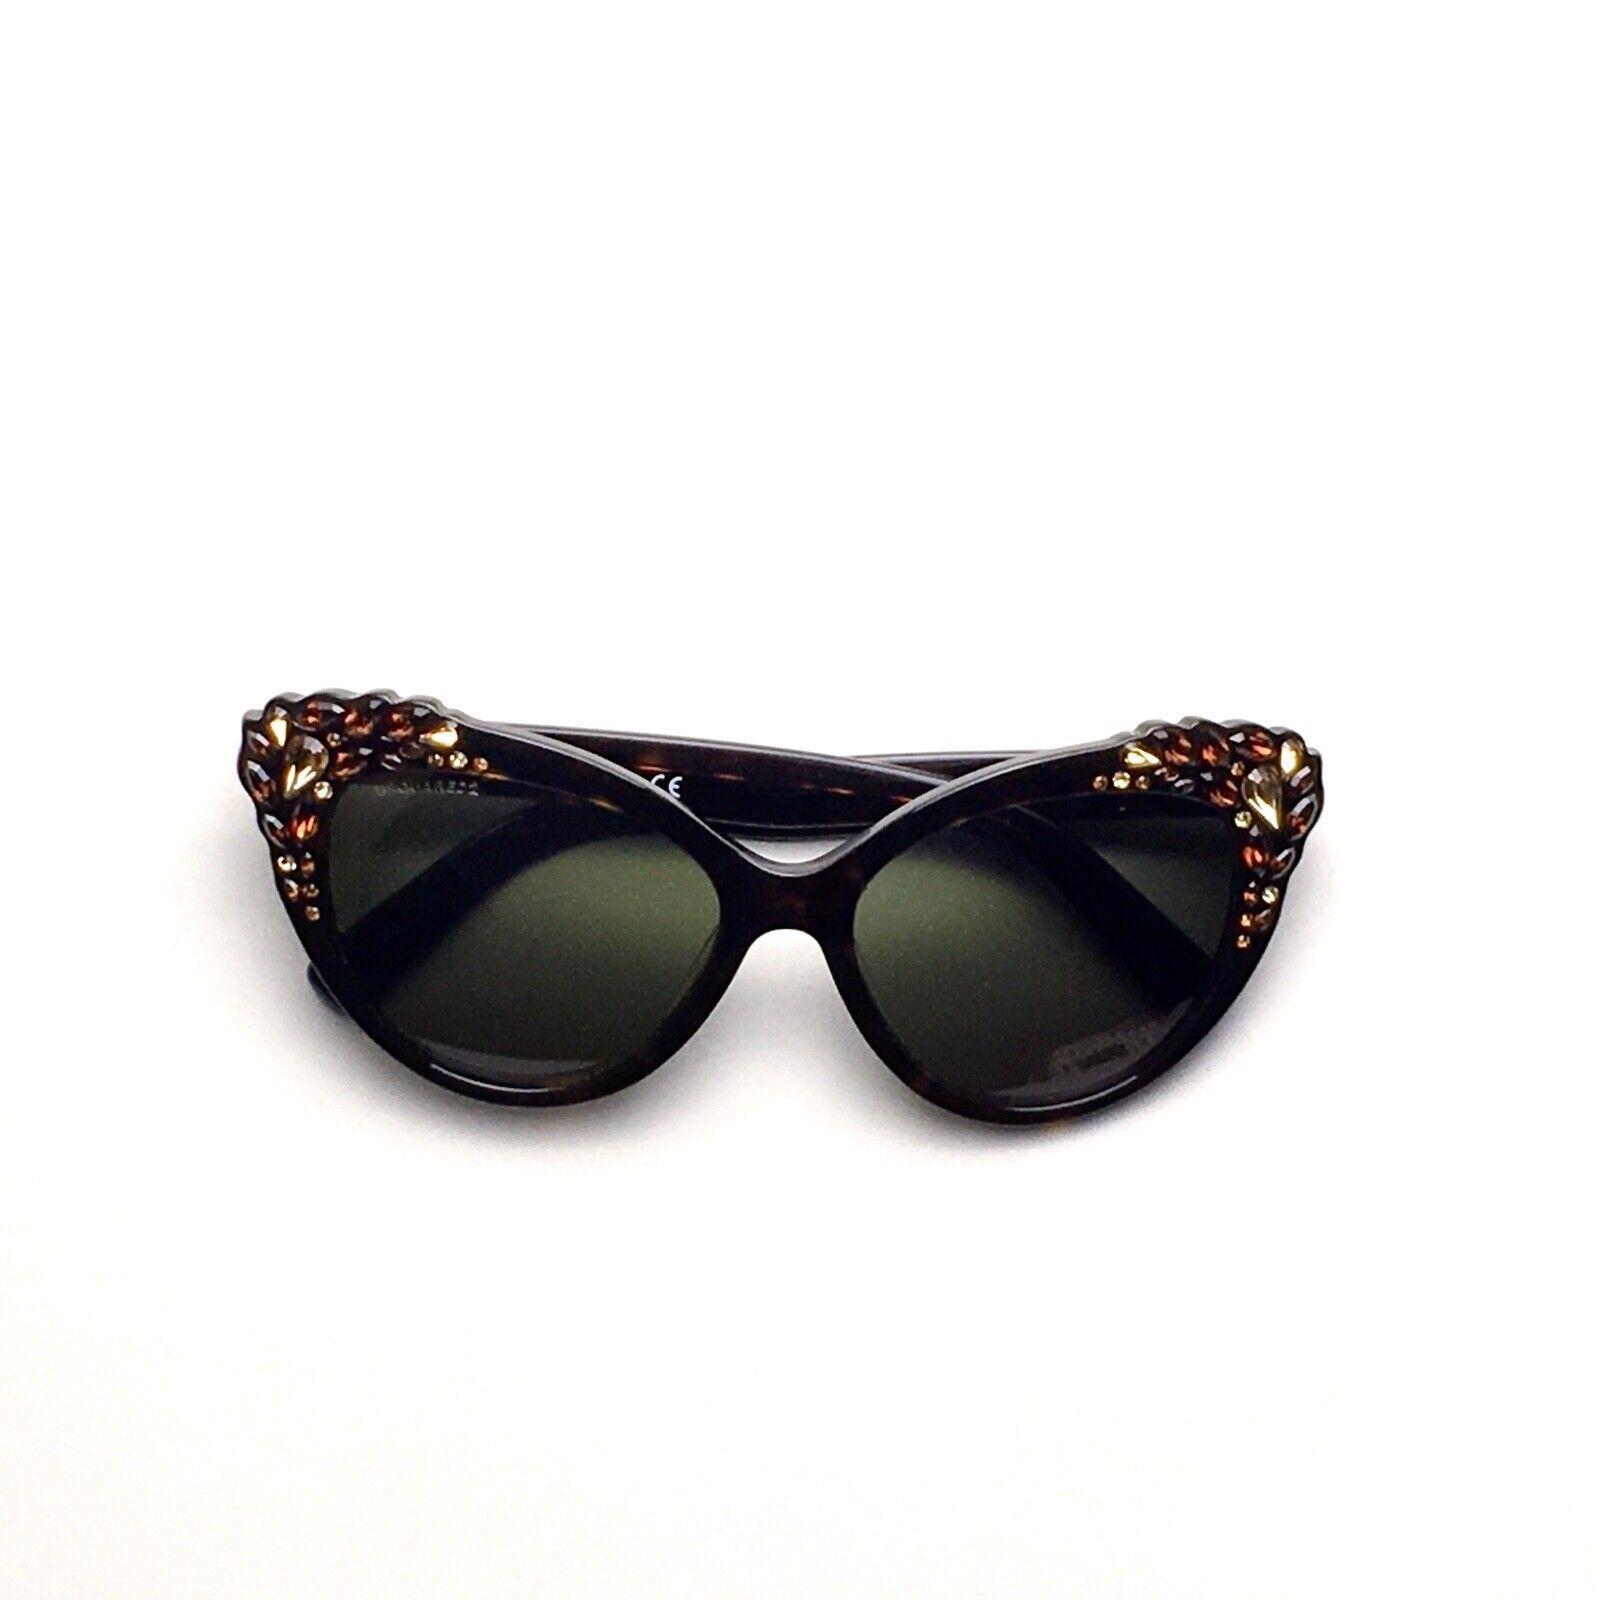 Dsquared2 Elizabeth DQ168 sunglasses